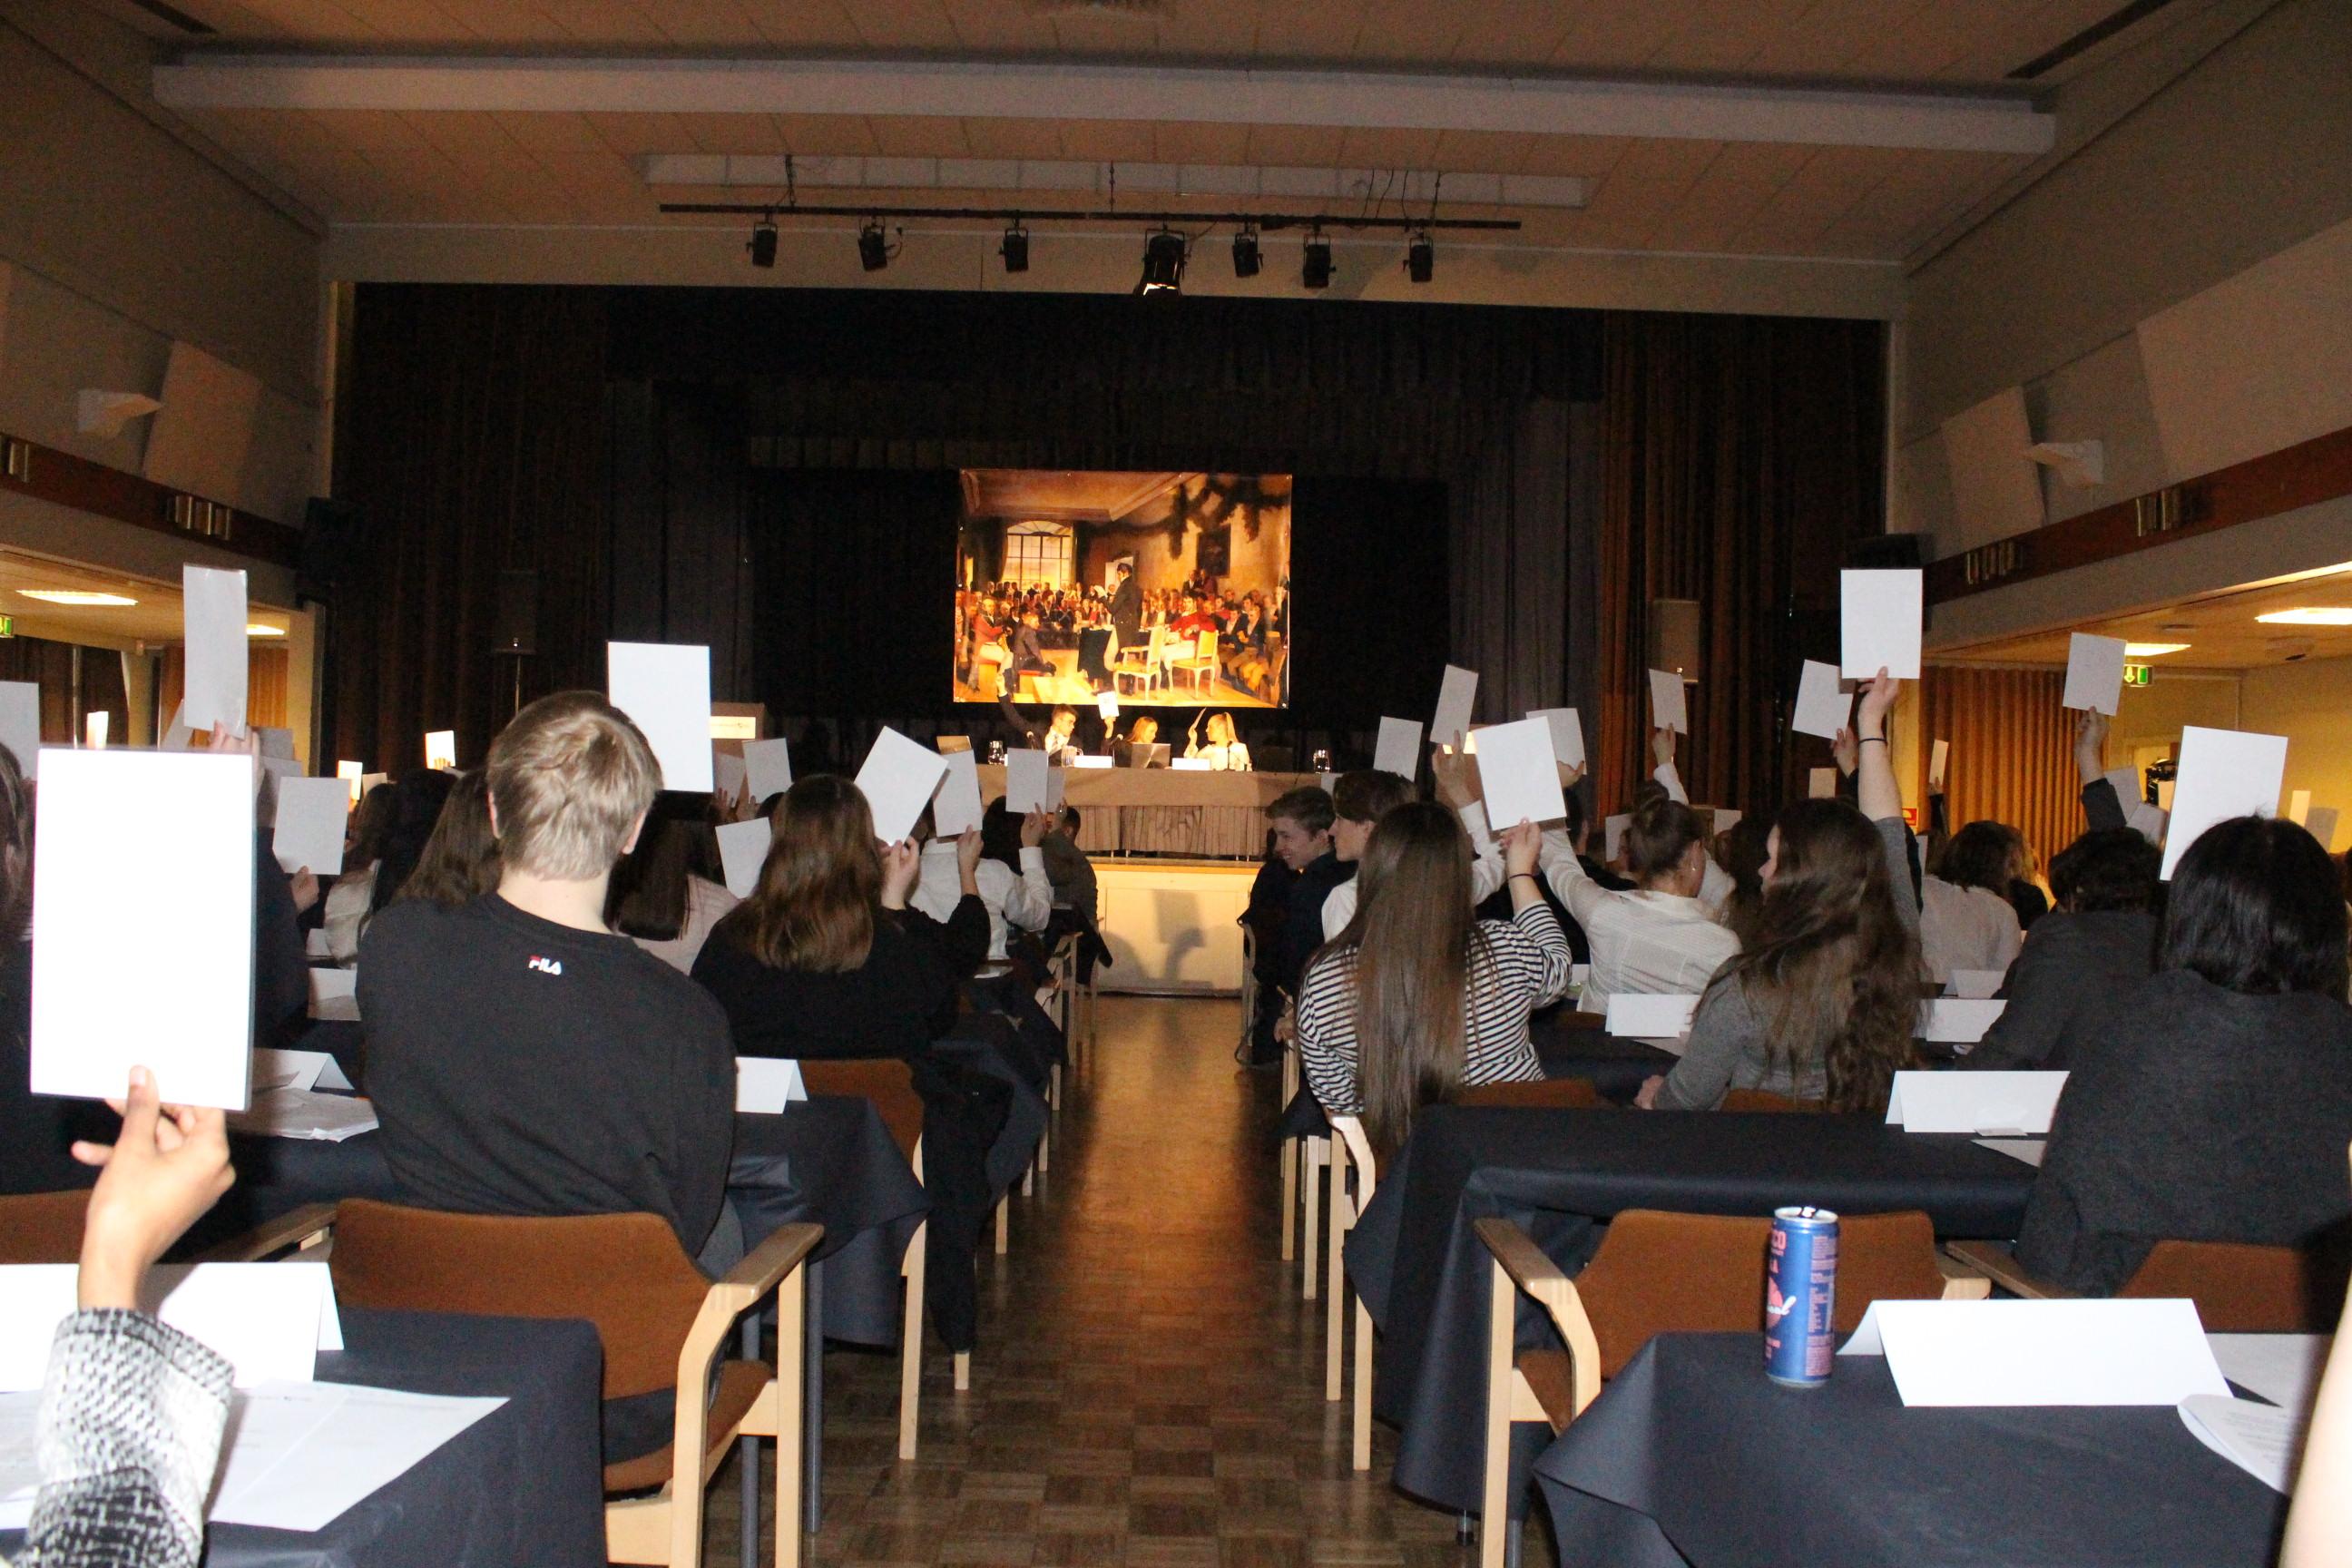 Resultatet av dagens første runde av plenumsdebatt og votering